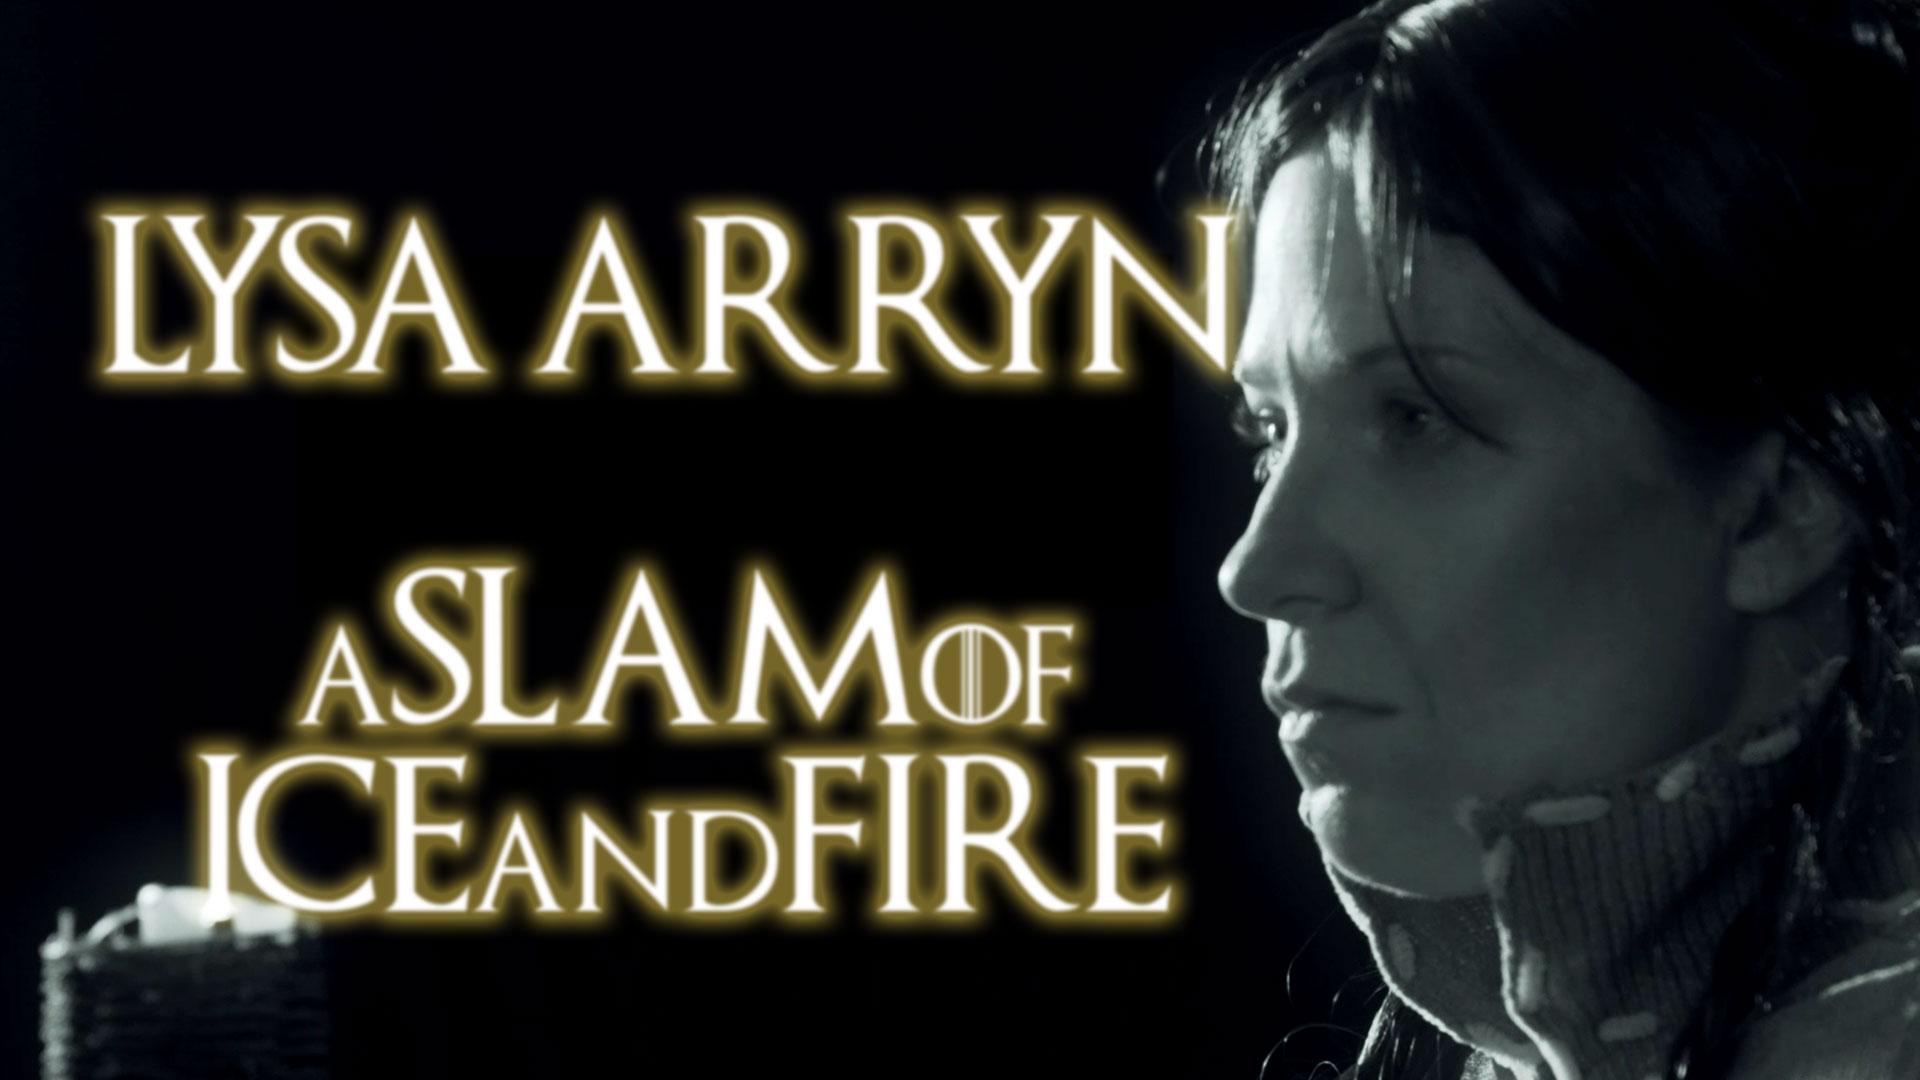 Lysa Arryn -  A Slam of Ice and Fire || Spoken Word